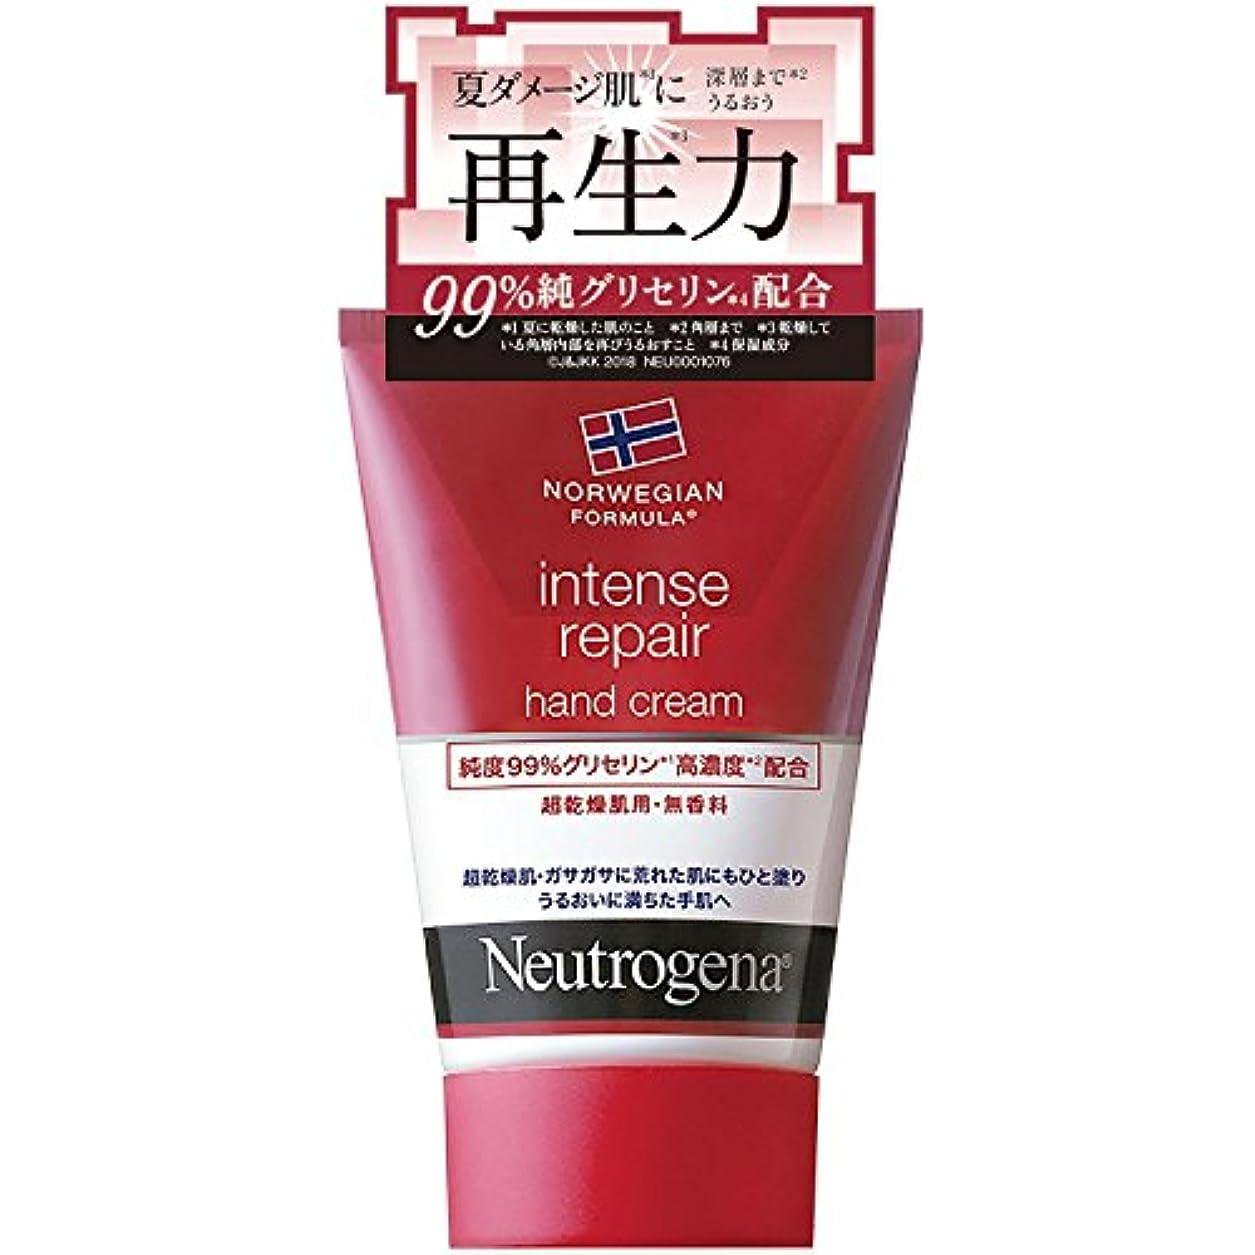 繊毛アリ褐色Neutrogena(ニュートロジーナ) ノルウェーフォーミュラ インテンスリペア ハンドクリーム 超乾燥肌用 無香料 単品 50g